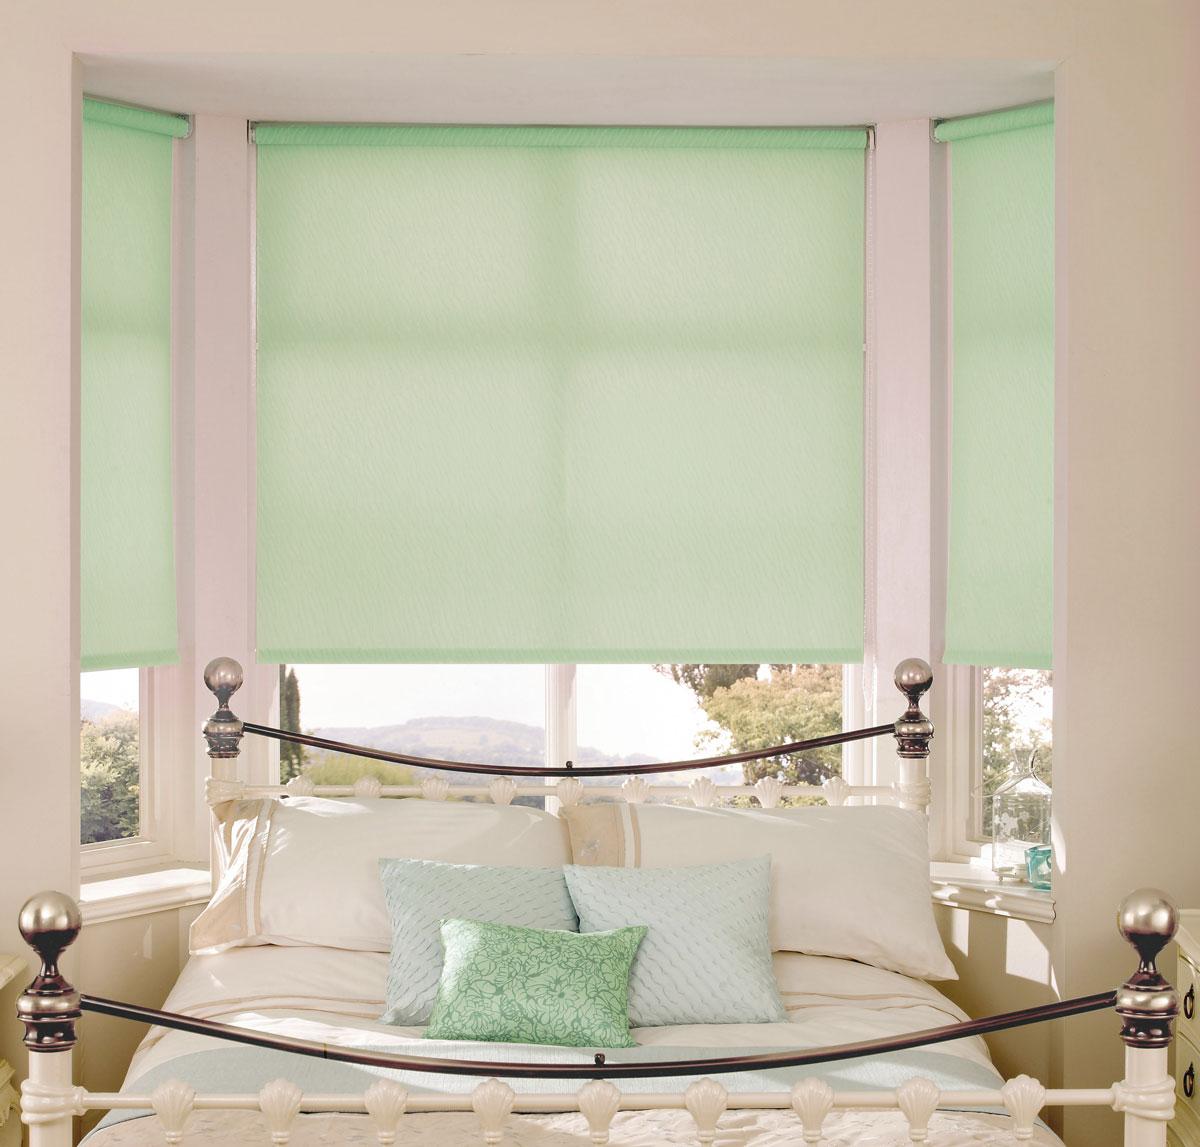 Штора рулонная KauffOrt Миниролло, цвет: светло-зеленый, ширина 115 см, высота 170 см3115017Рулонная штора Миниролло выполнена из высокопрочной ткани, которая сохраняет свой размер даже при намокании. Ткань не выцветает и обладает отличной цветоустойчивостью.Миниролло - это подвид рулонных штор, который закрывает не весь оконный проем, а непосредственно само стекло. Такие шторы крепятся на раму без сверления при помощи зажимов или клейкой двухсторонней ленты (в компекте). Окно остается на гарантии, благодаря монтажу без сверления. Такая штора станет прекрасным элементом декора окна и гармонично впишется в интерьер любого помещения.